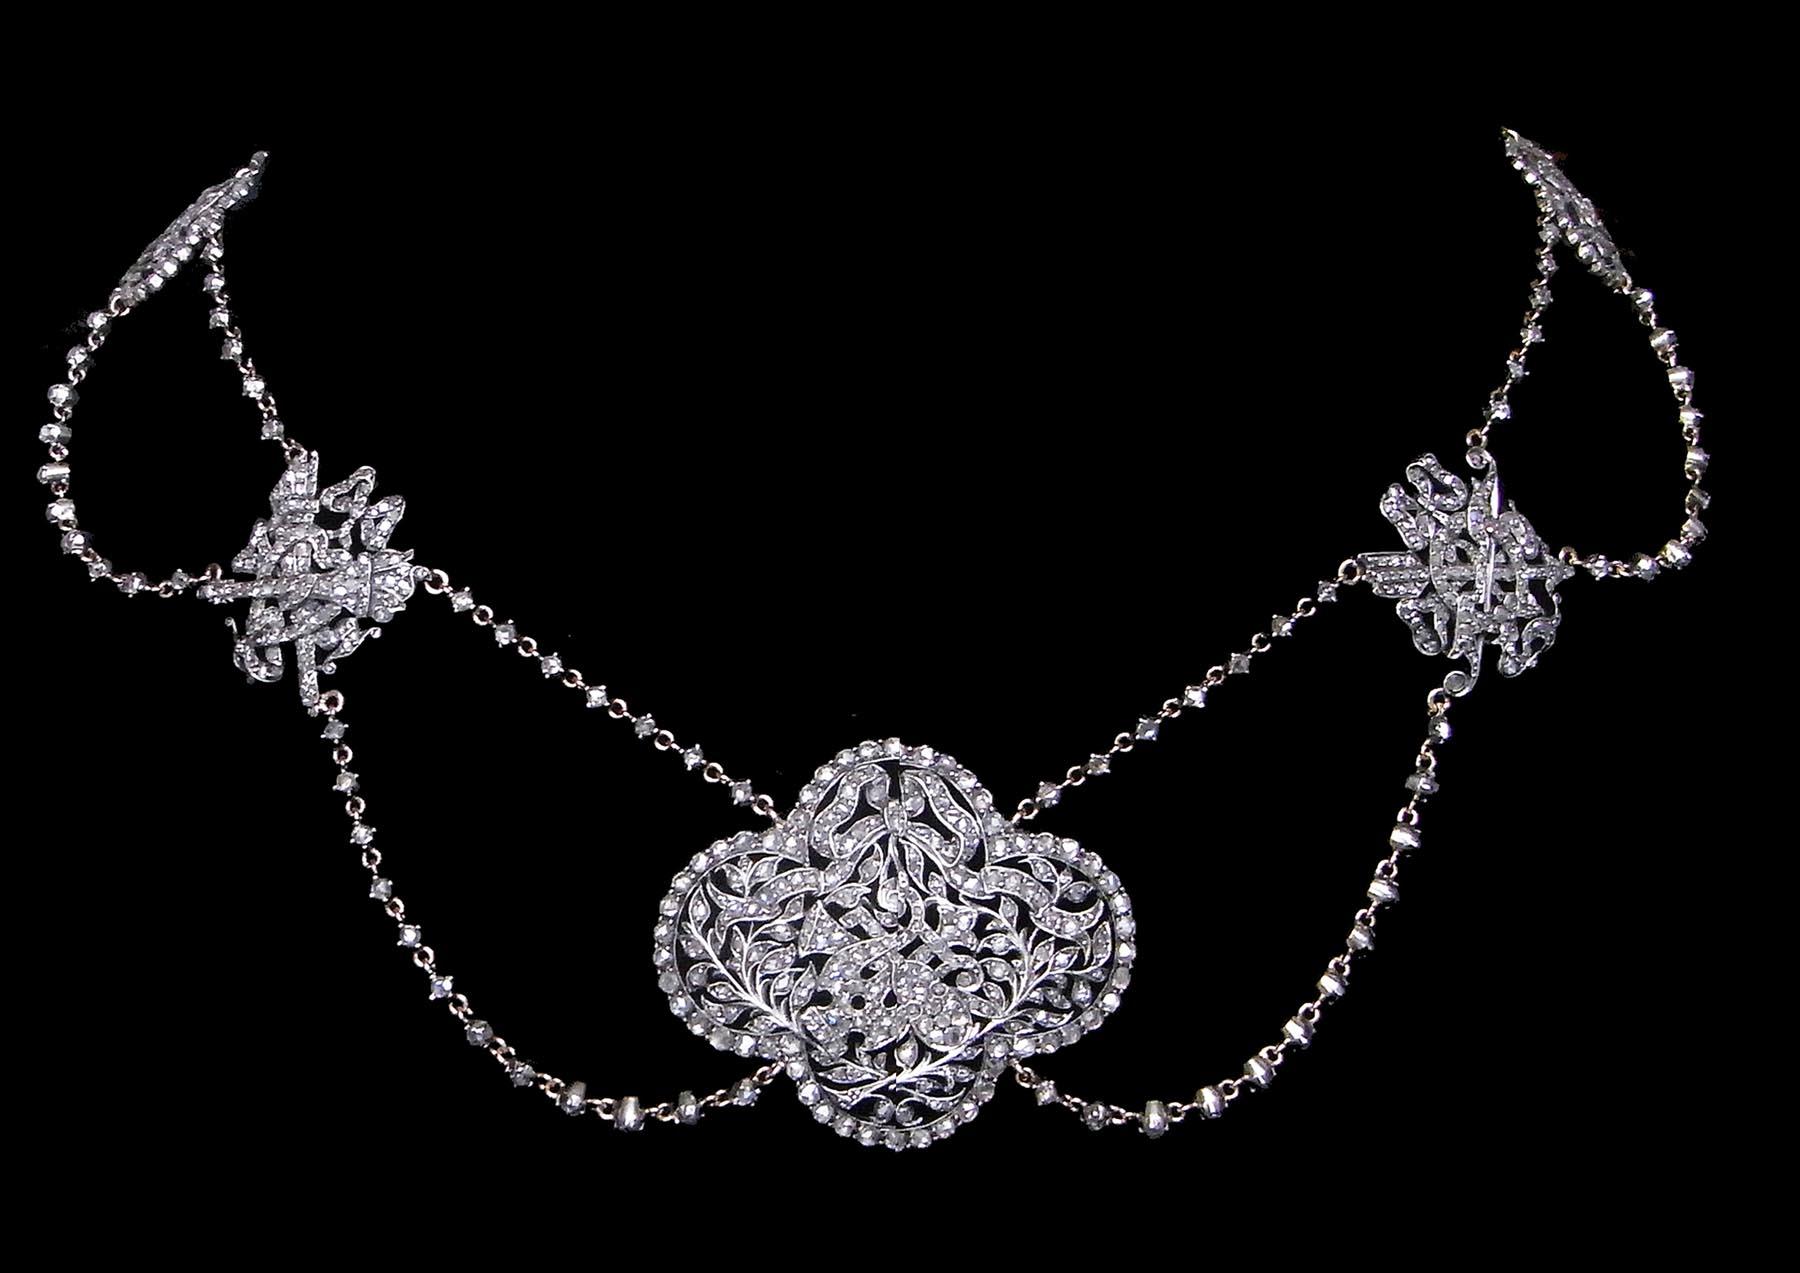 18世紀 ダイヤモンドネックレス エスクラヴァージュ / アンティークジュエリー